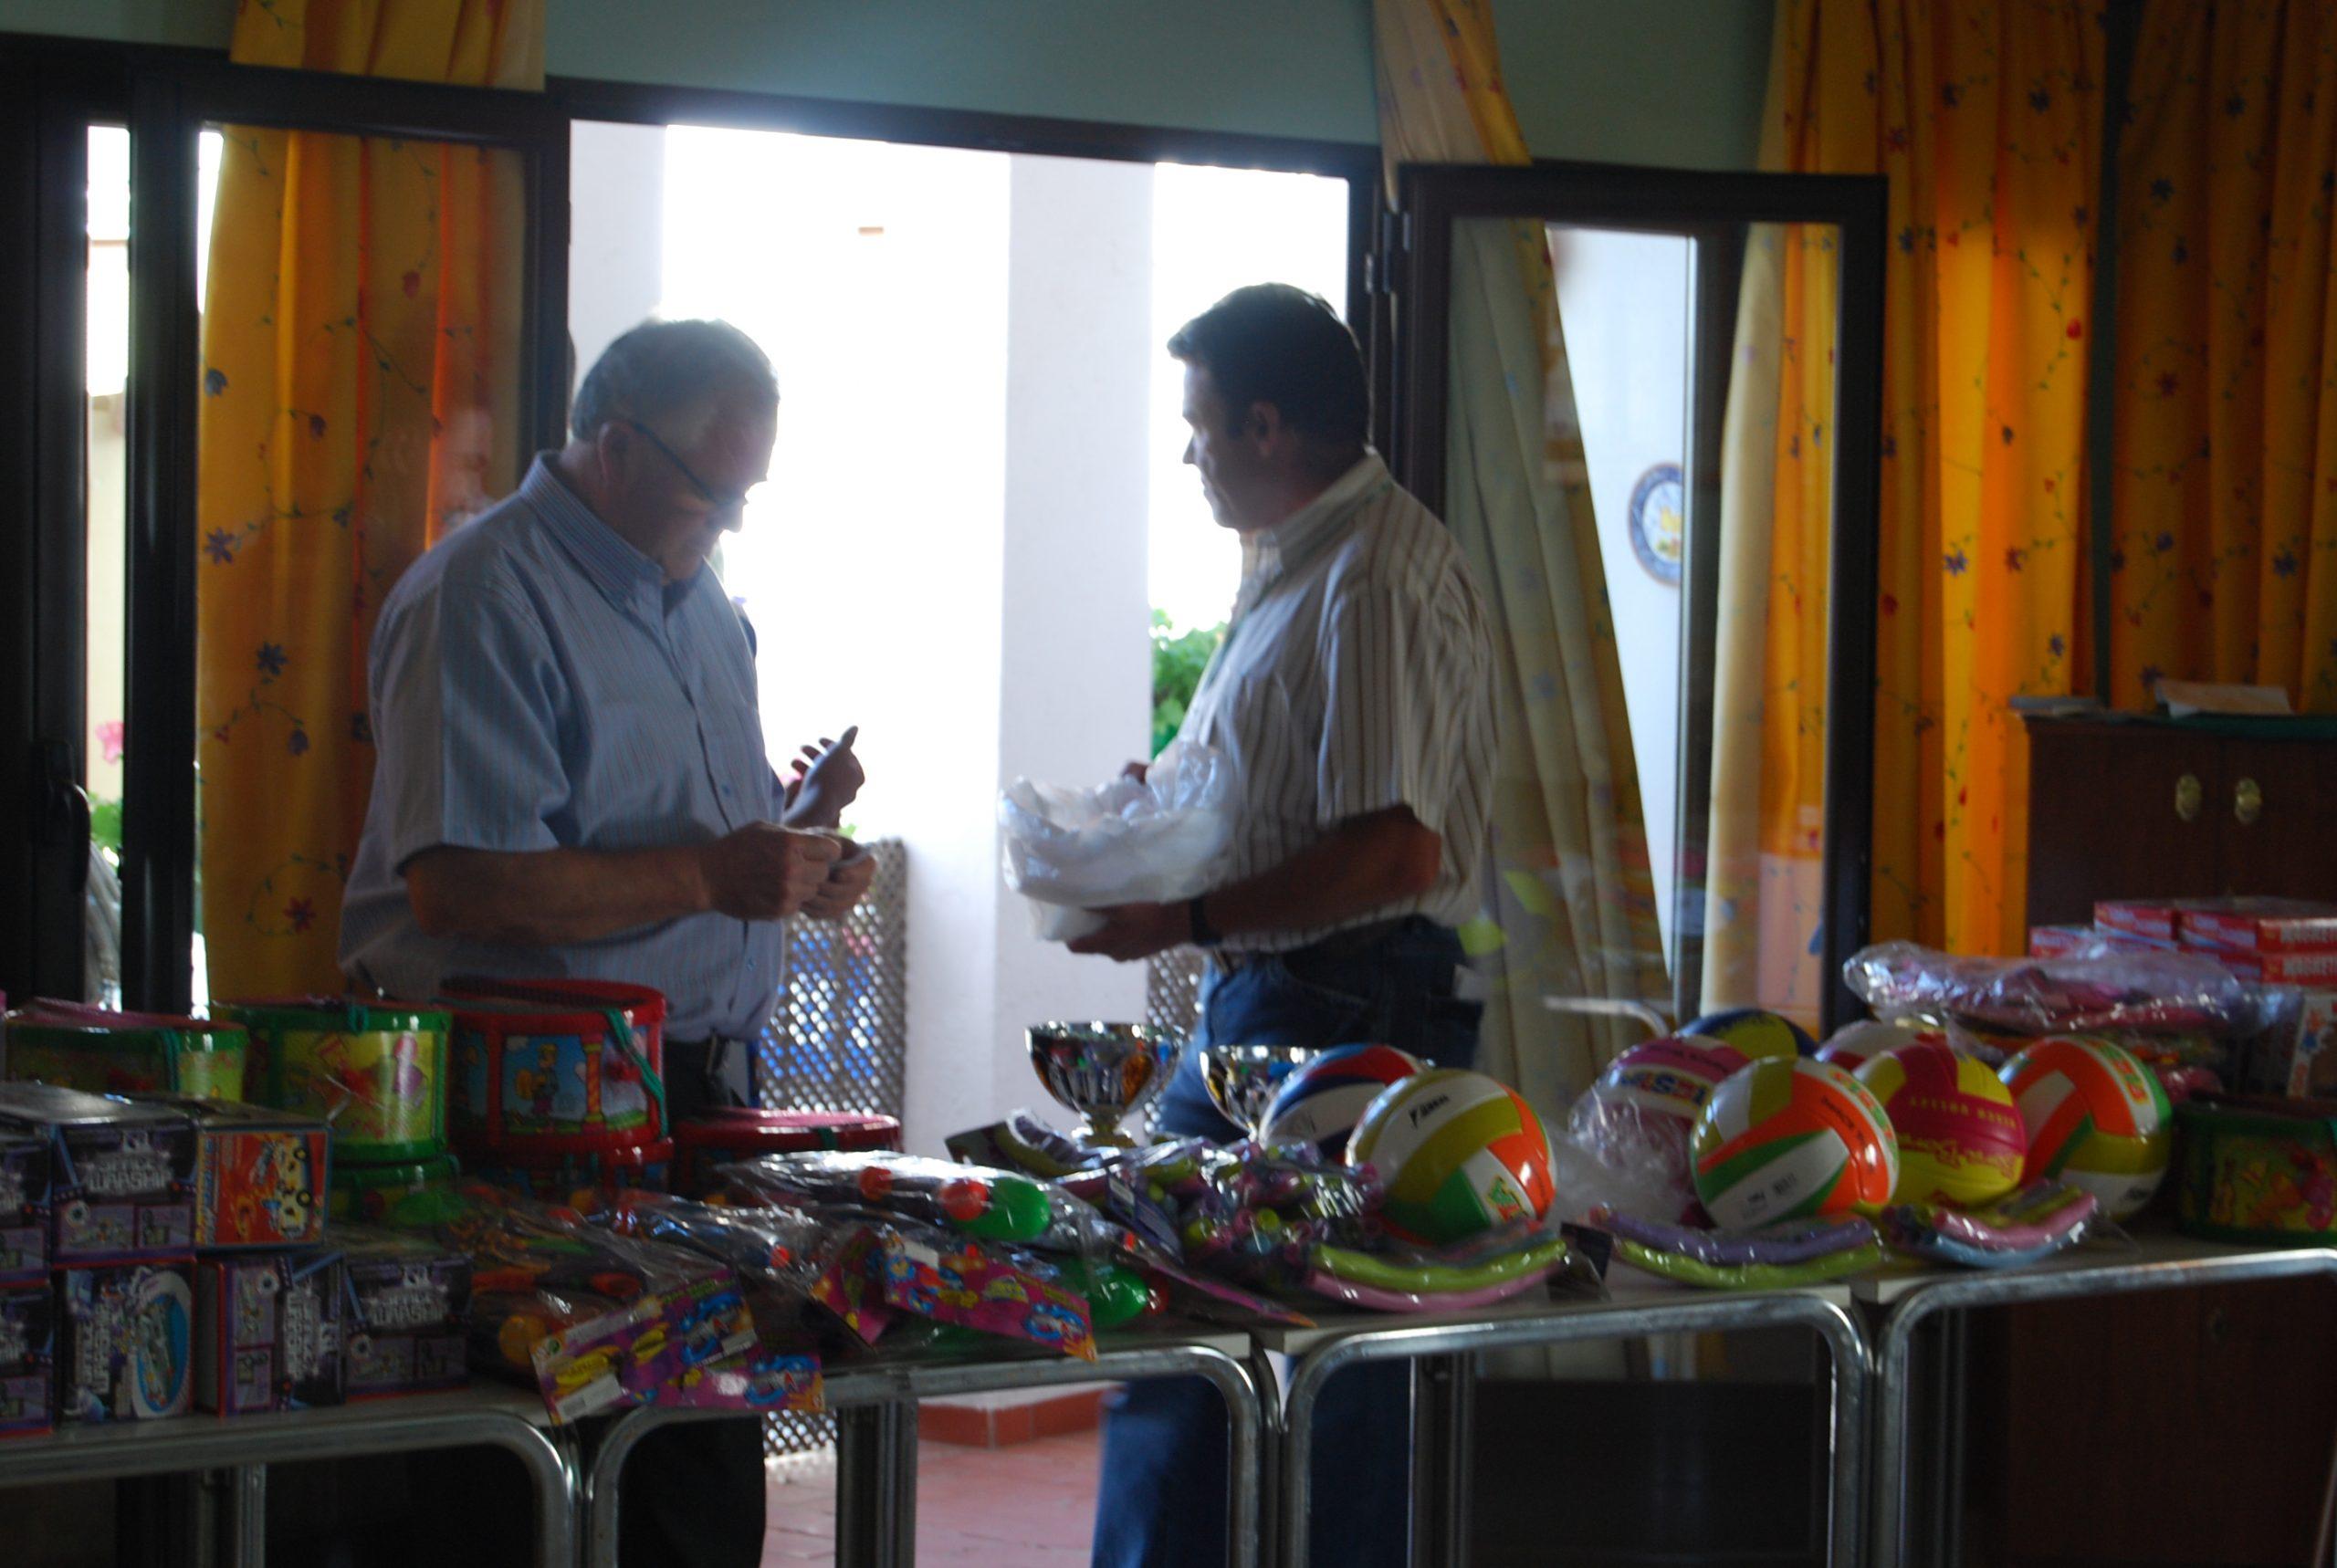 Los Juanes repartiendo regalos